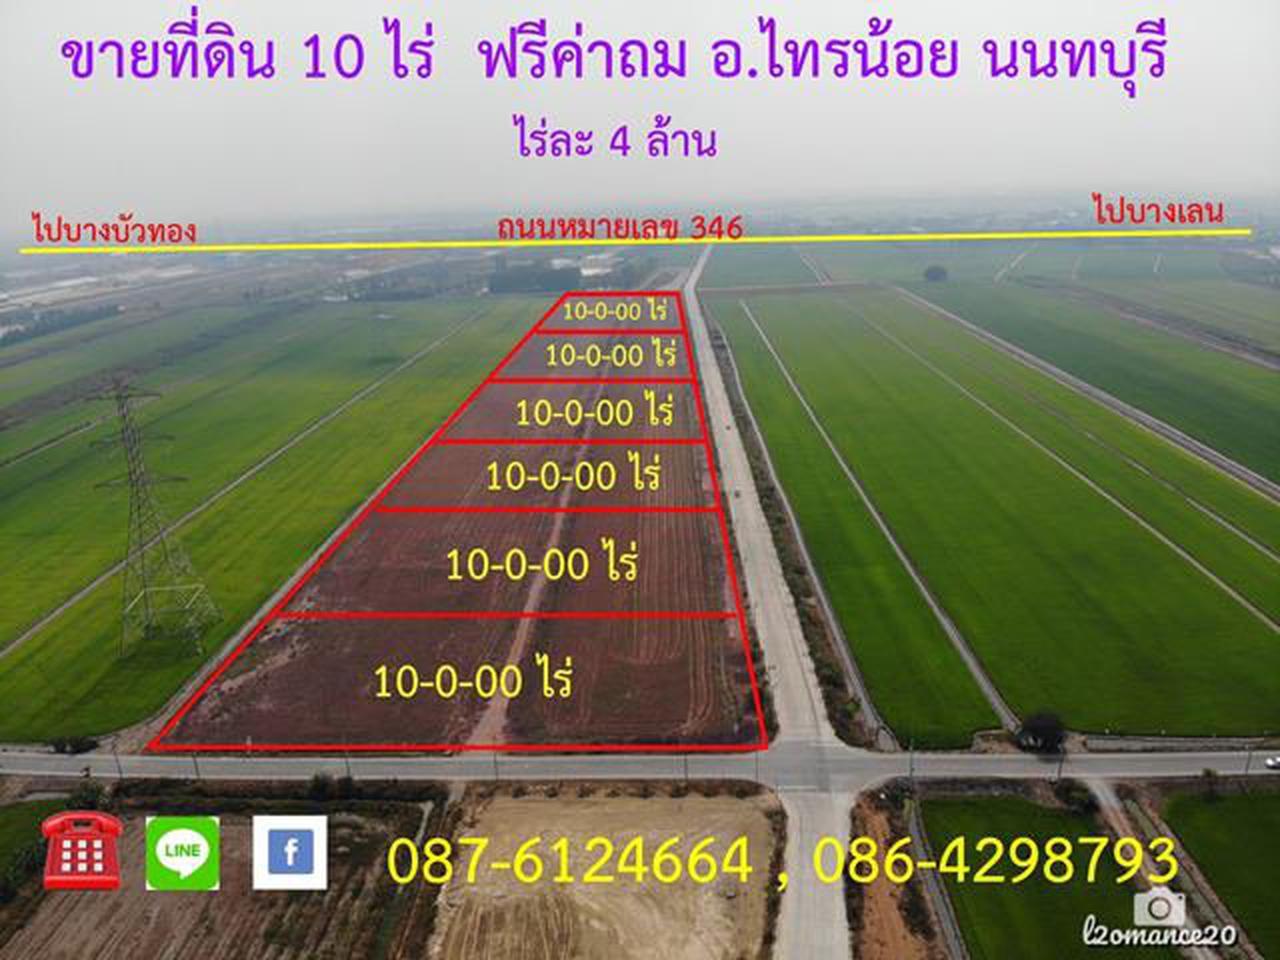 S301 ที่ดินแบ่งขายราคาถูก ขนาด 10 ไร่ ไทรน้อย นนทบุรี ราคา 4 ล้านบาท/ไร่ รูปที่ 1